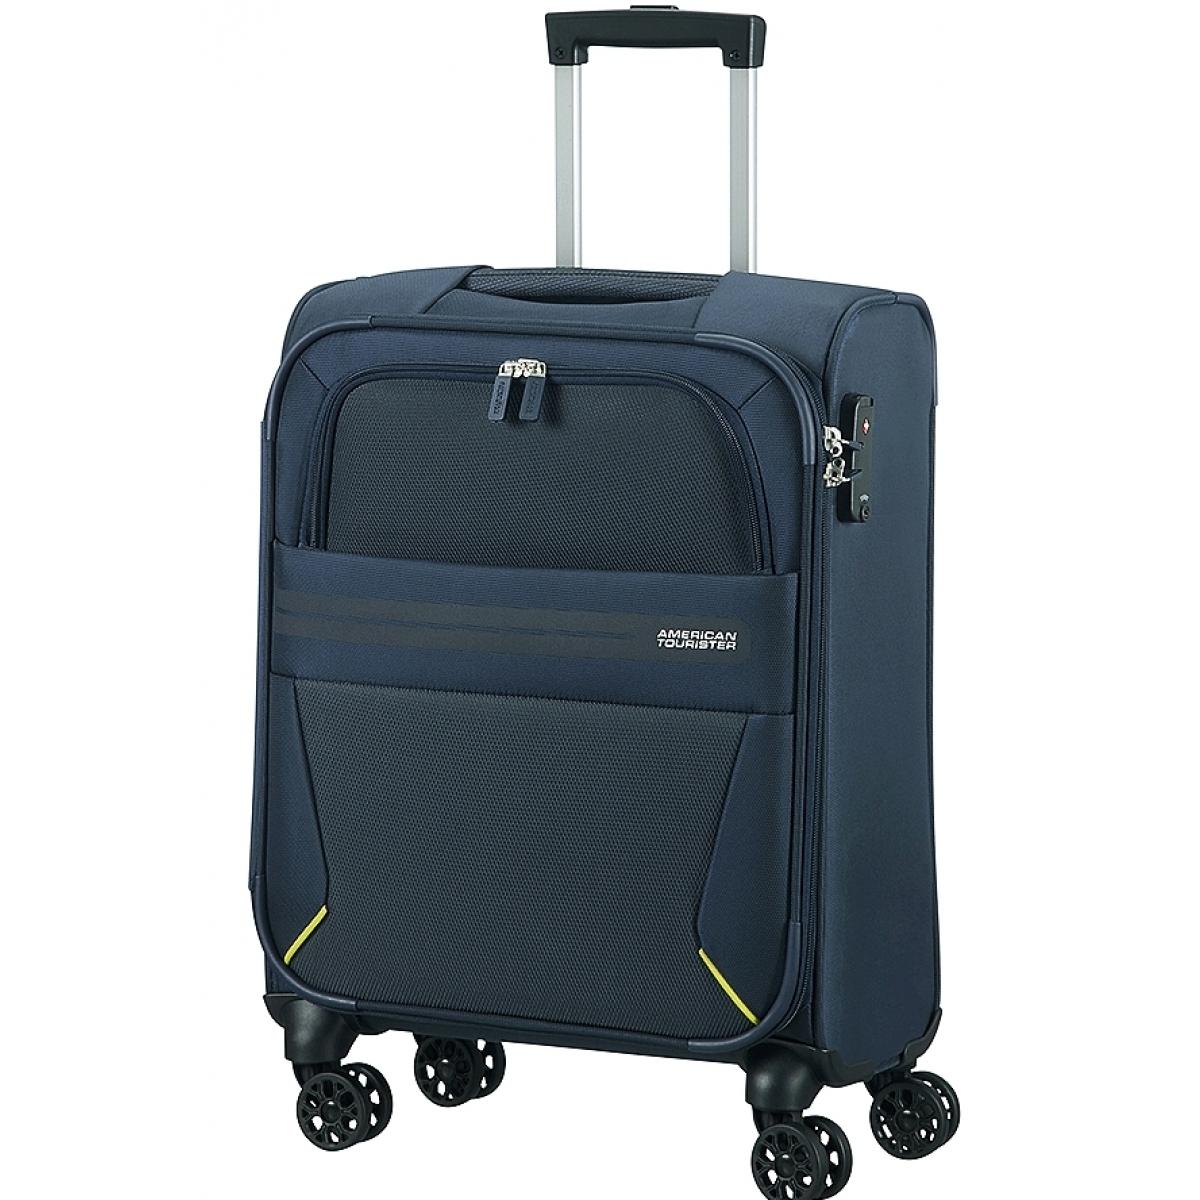 valise cabine summer voyager american tourister 55 20 cm bleu summervoyager59 couleur. Black Bedroom Furniture Sets. Home Design Ideas